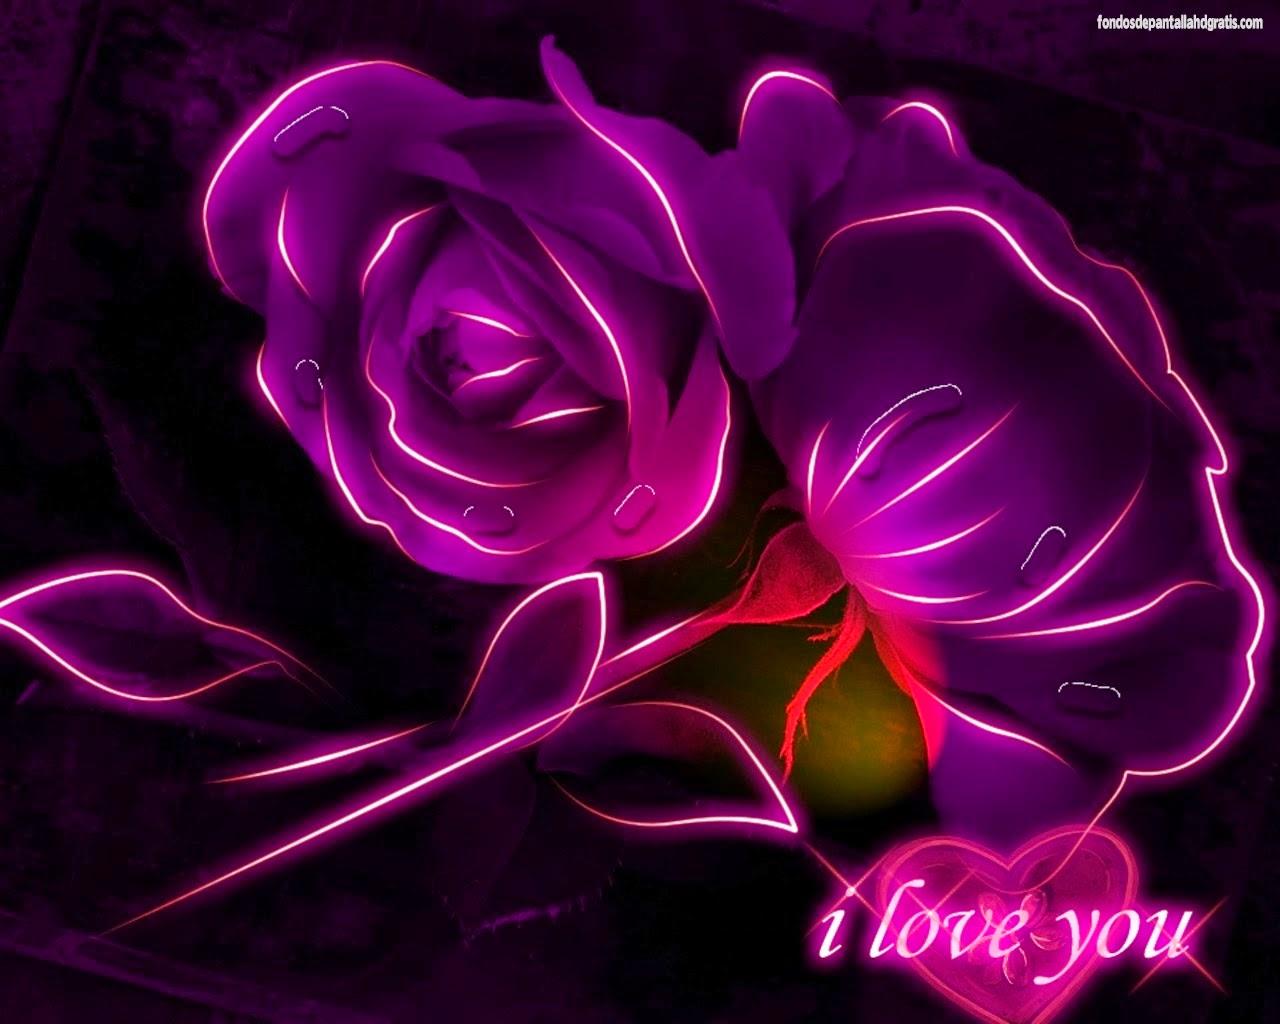 Imágenes de rosas de amor con movimiento y brillo GIF - Imagenes De Amor Y De Rosas Con Brillo Y Movimiento